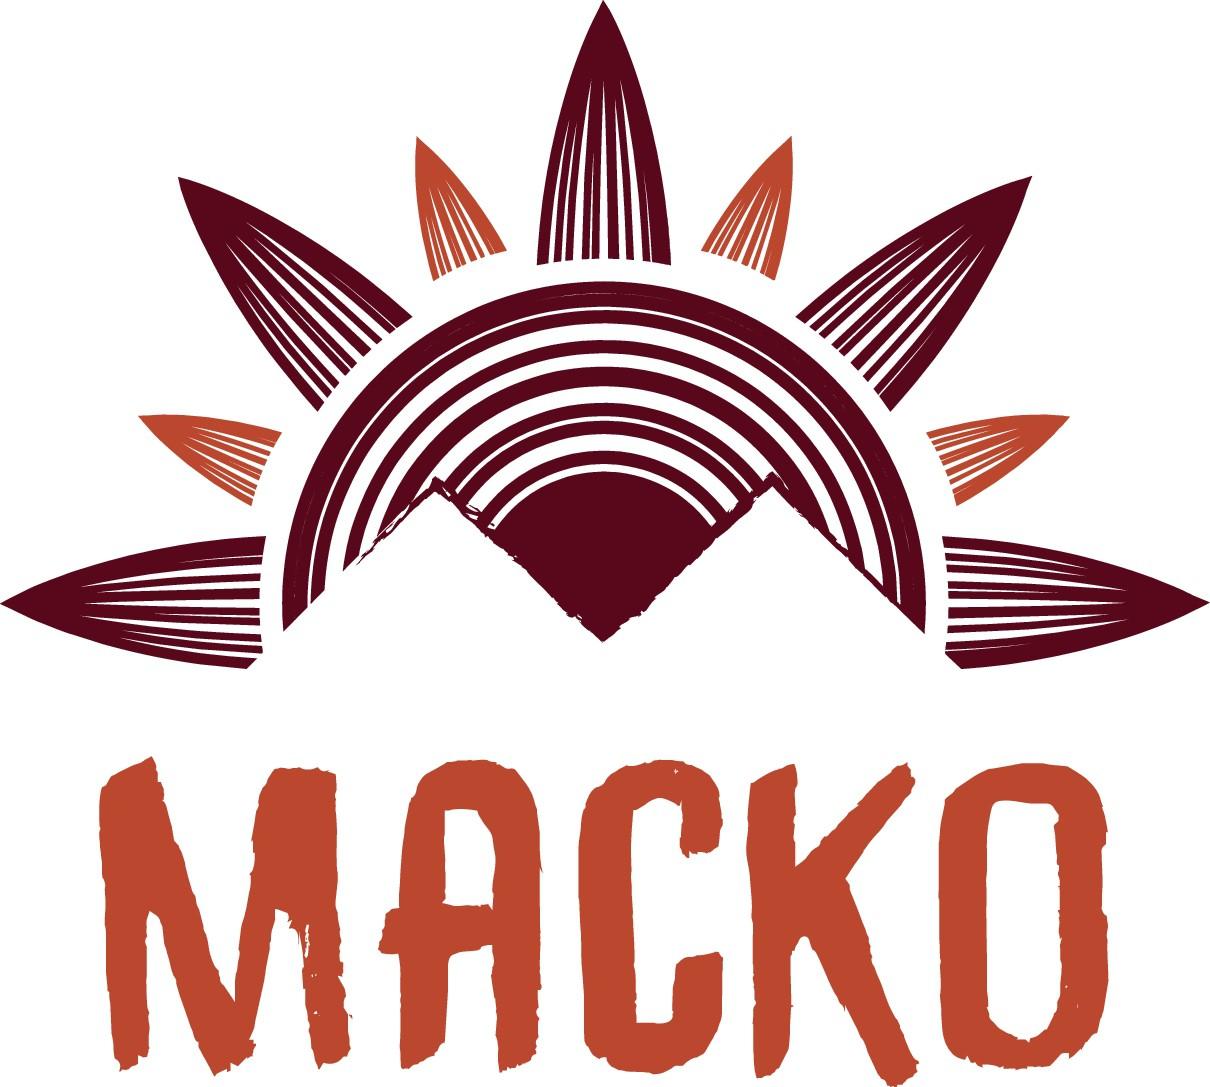 Macko design you already did all original artwork and copyright